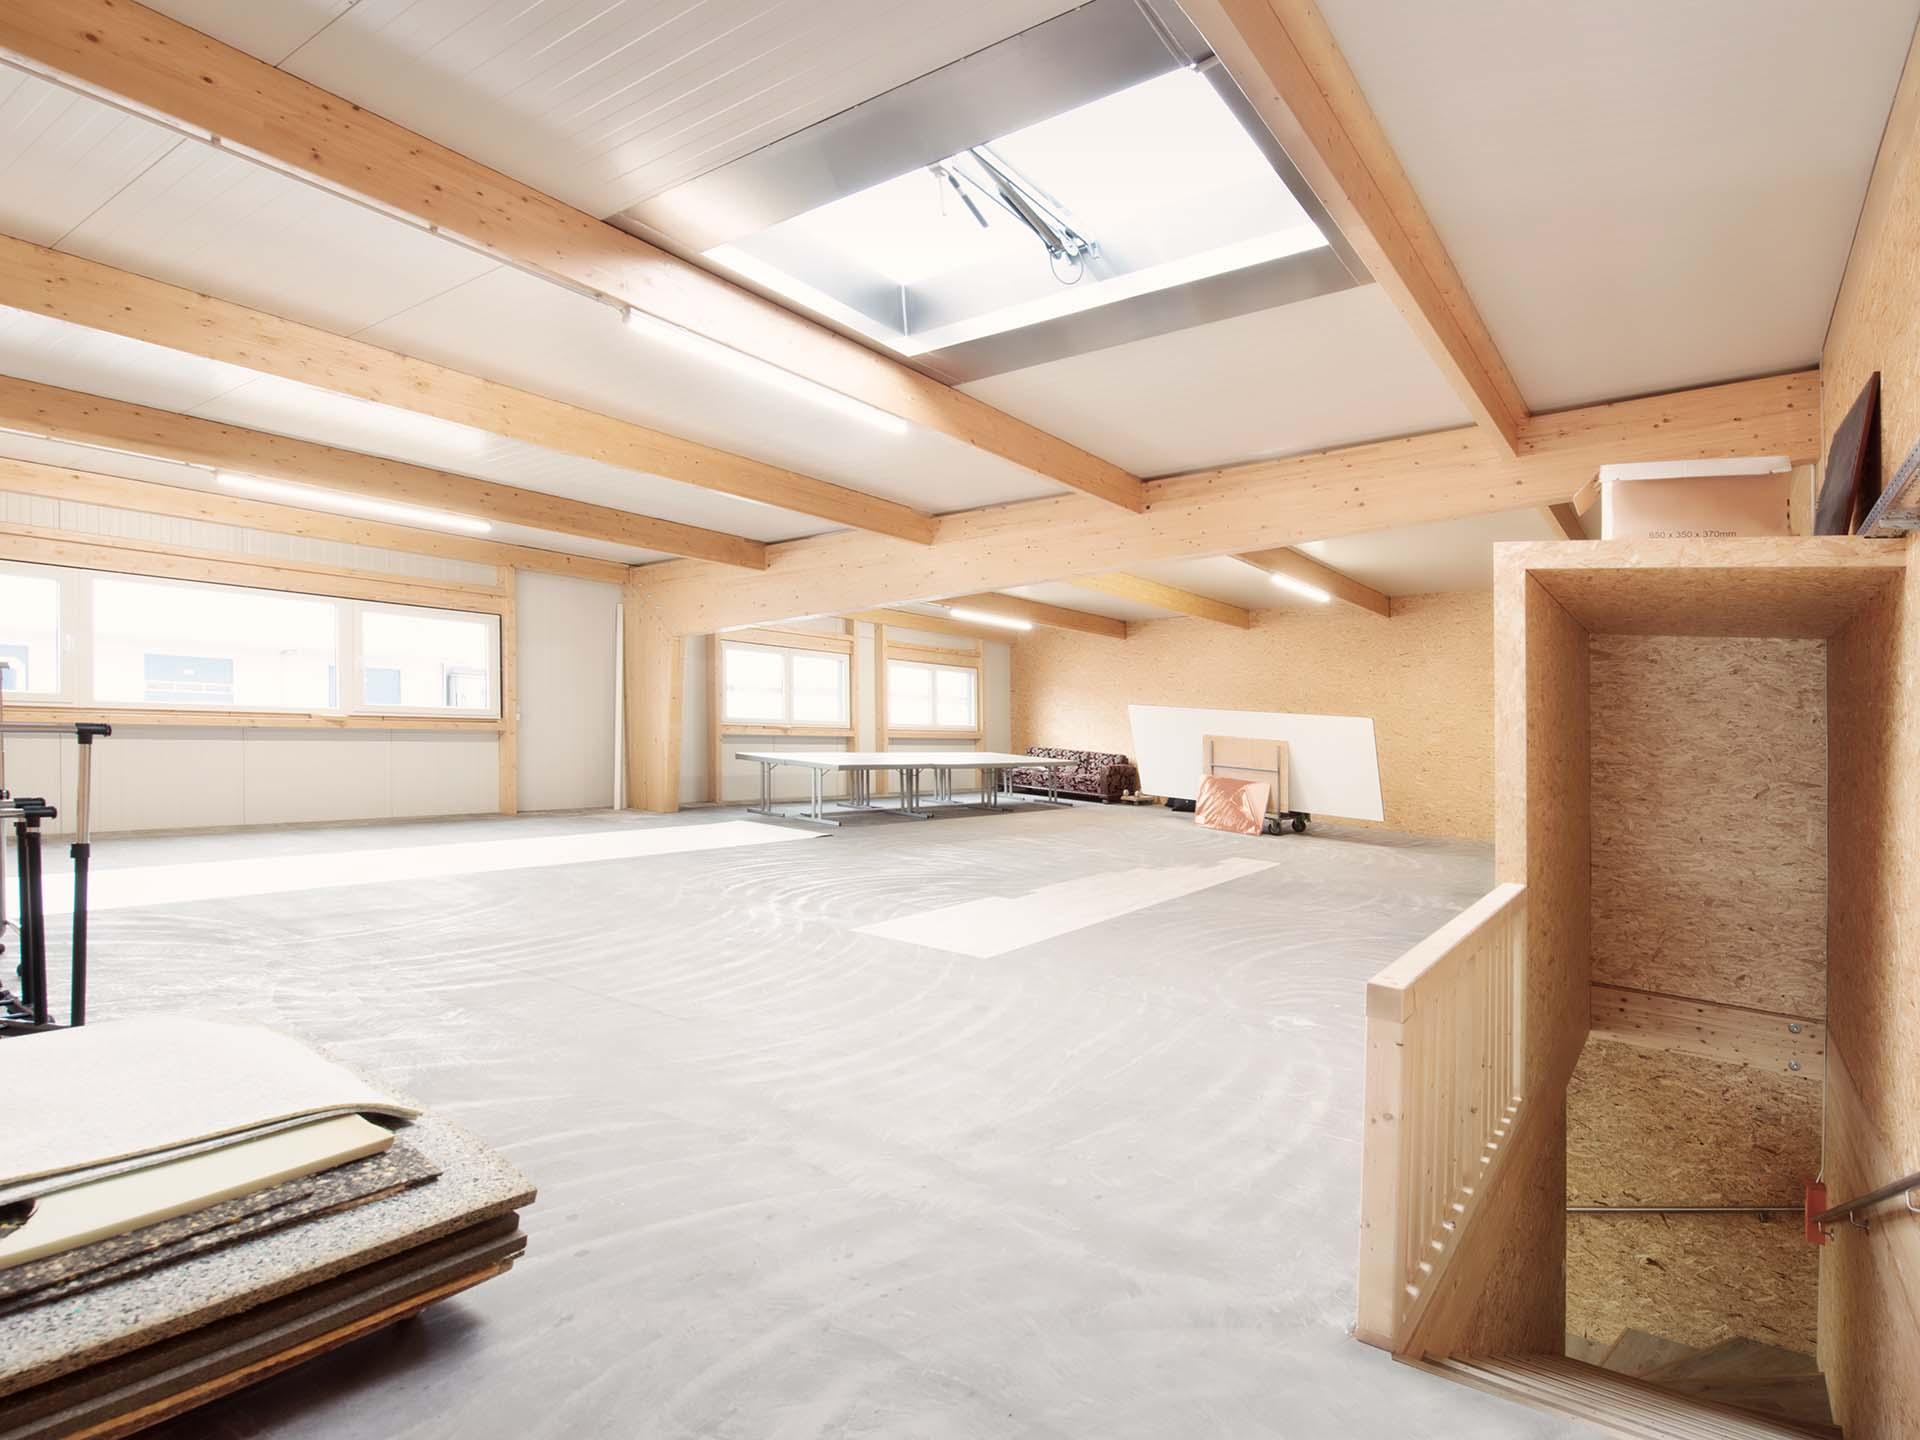 Innenansicht einer Holzhalle mit Lichtfirst.